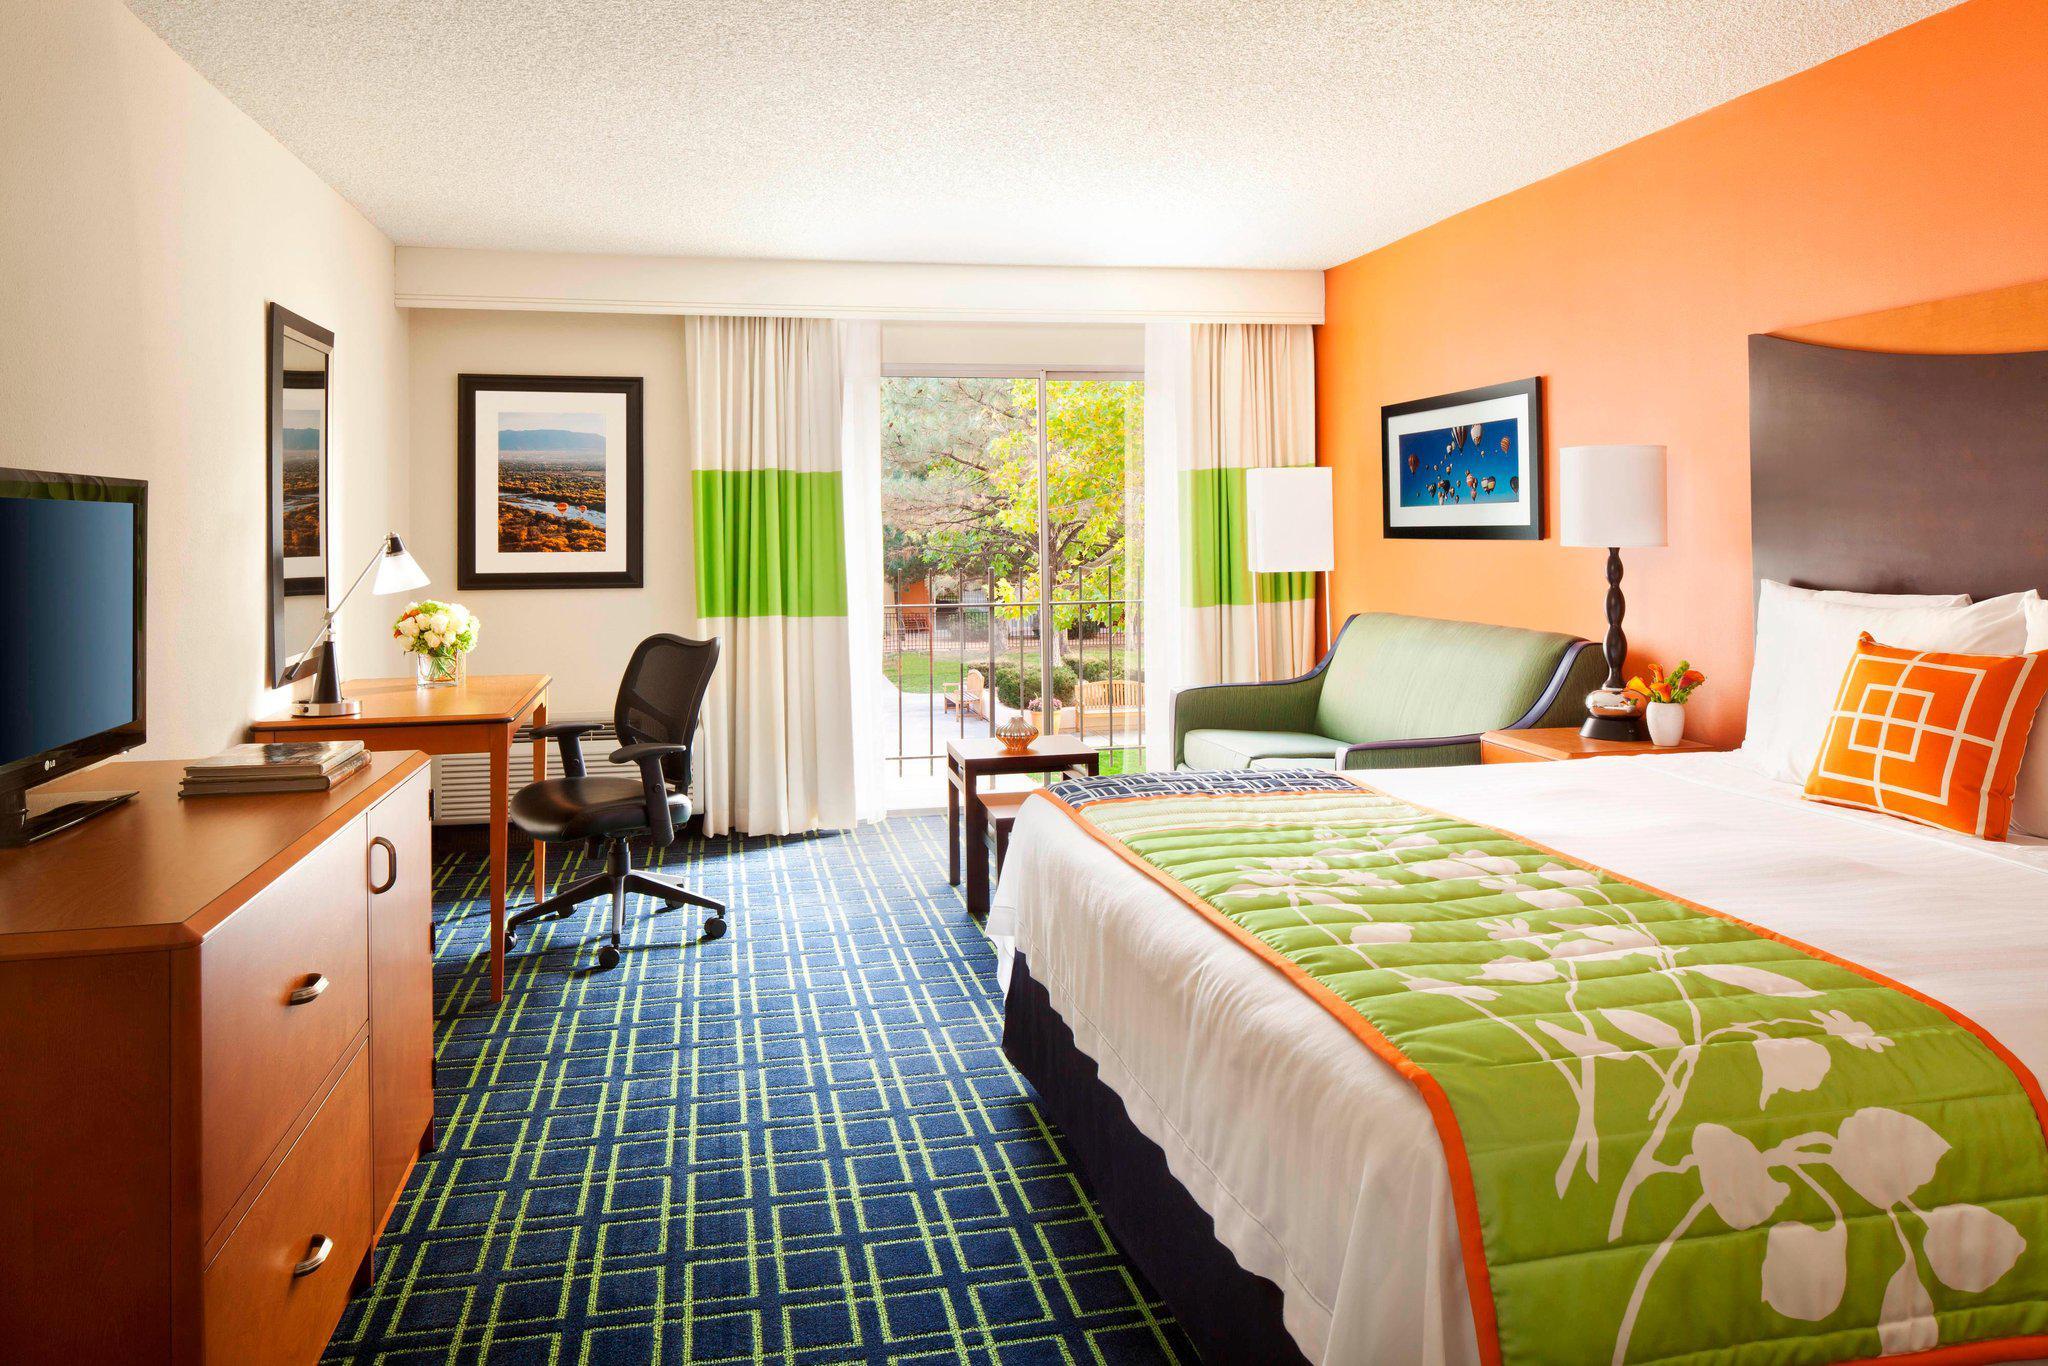 Fairfield Inn by Marriott Albuquerque University Area